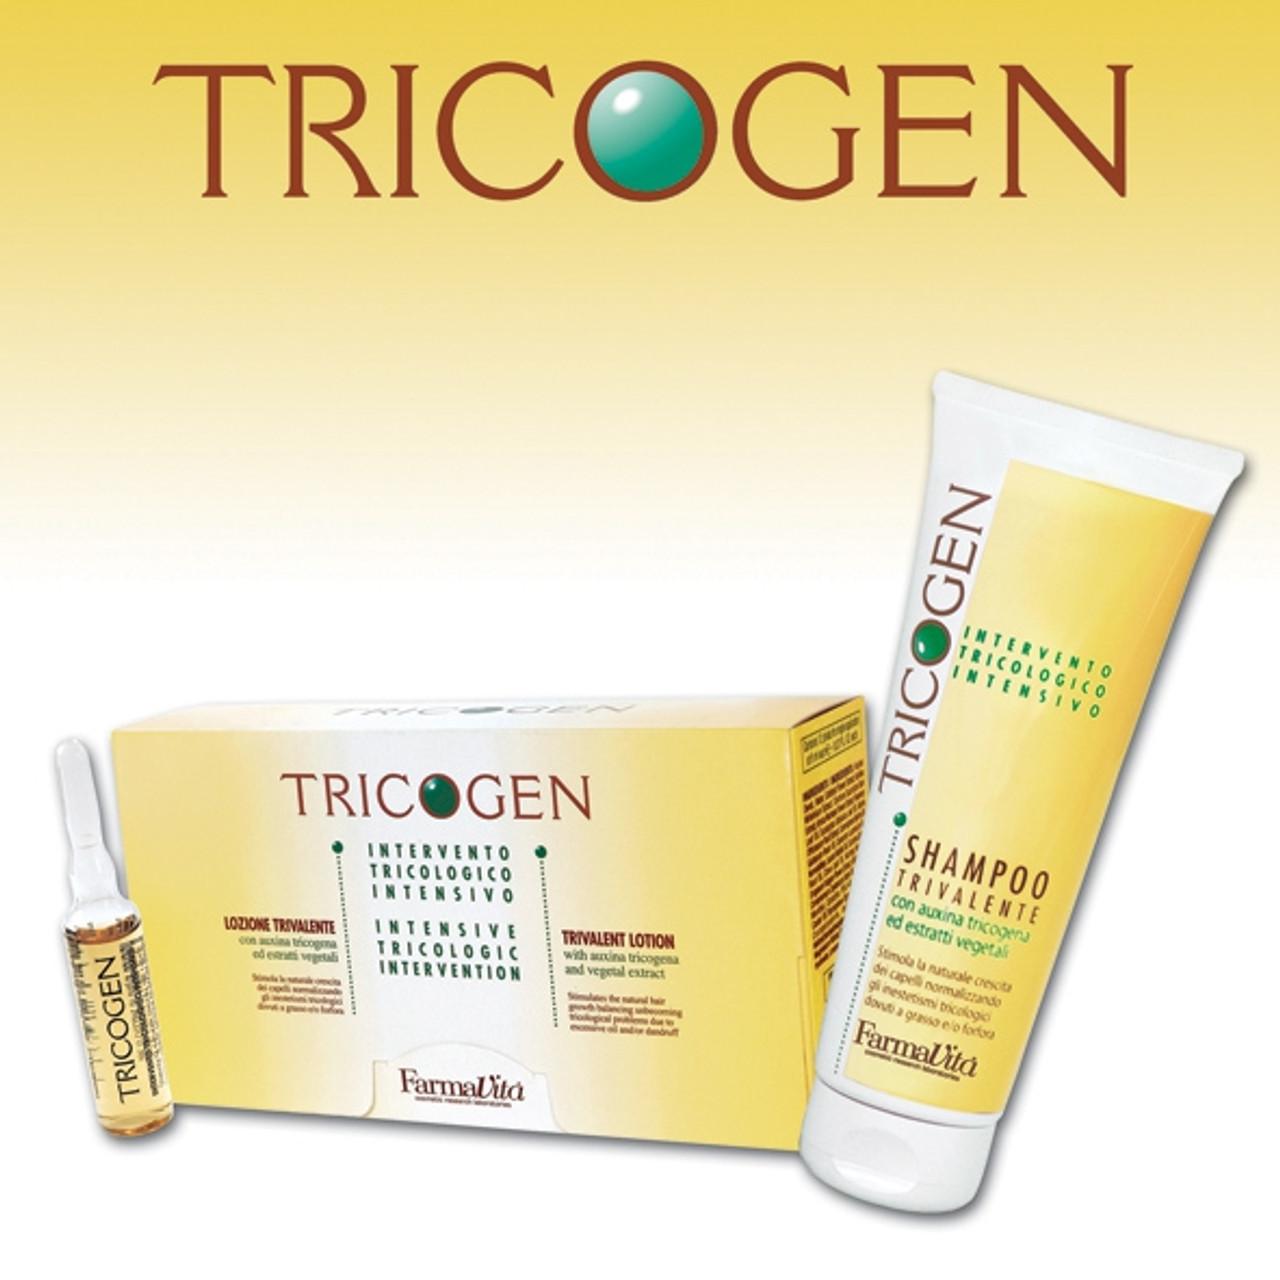 Tricogen Treatment